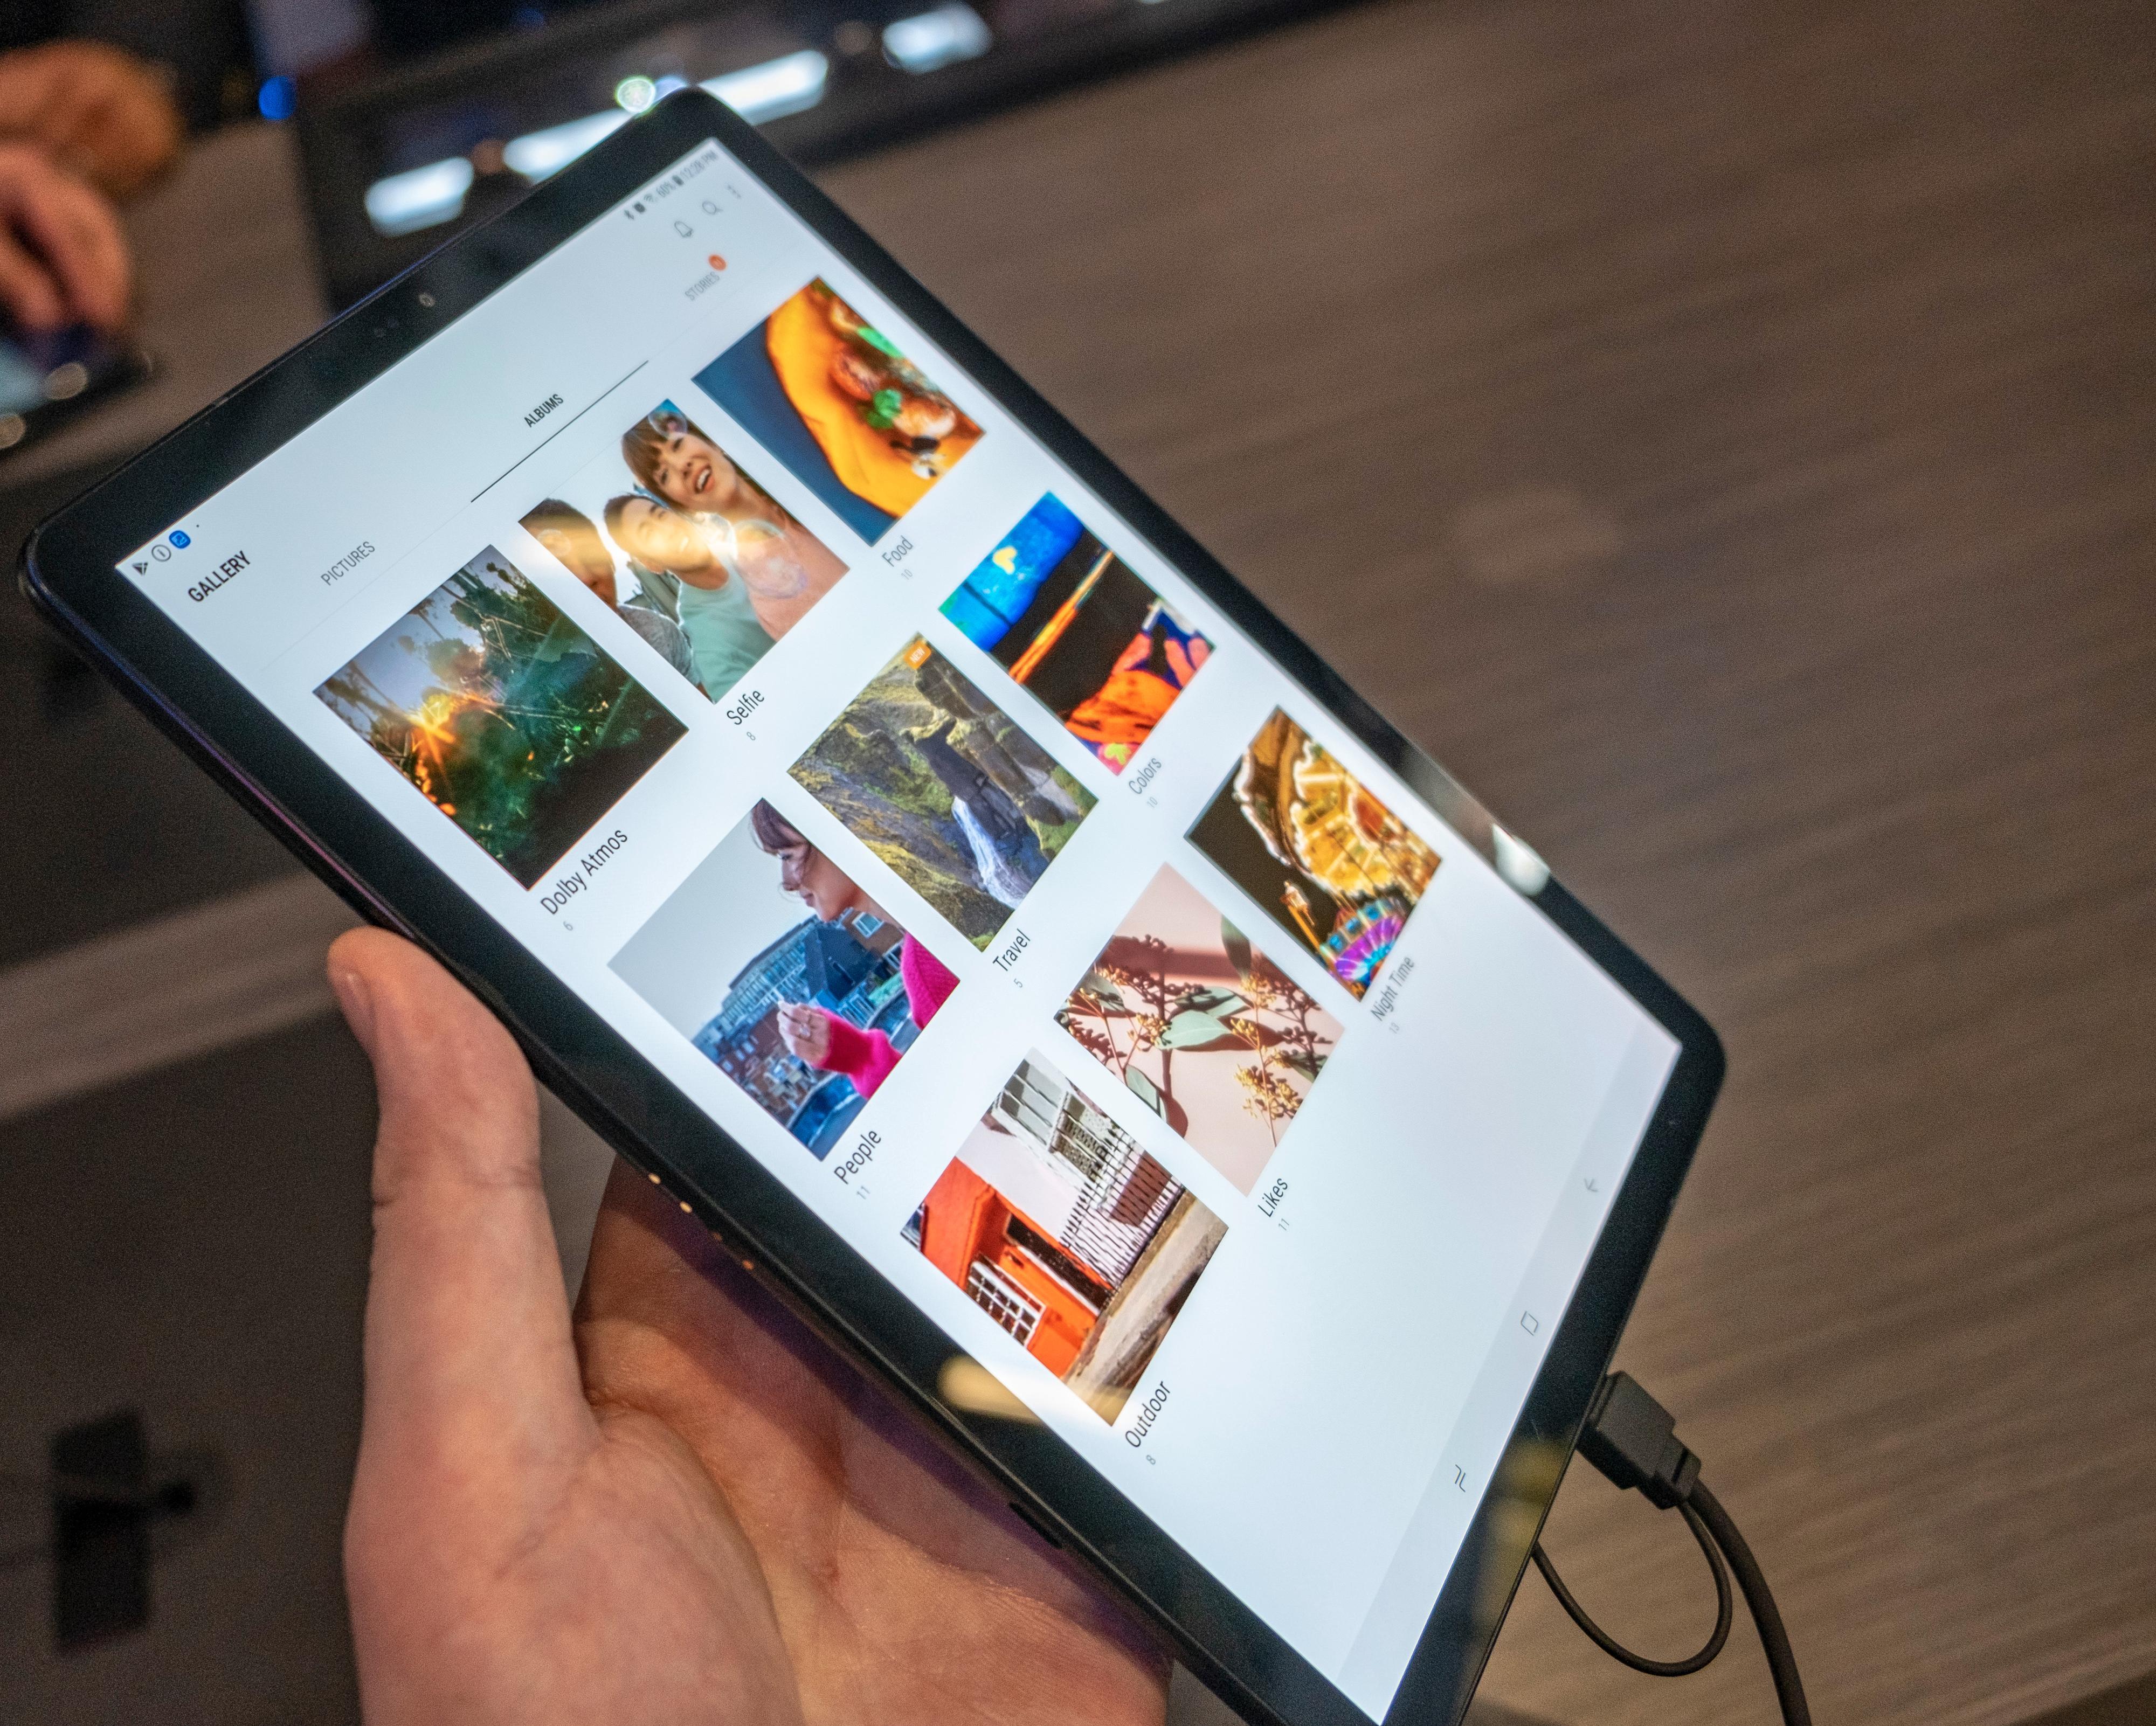 De fantastiske AMOLED-skjermene er trekkplastrene ved Samsungs Galaxy Tab S-serie.